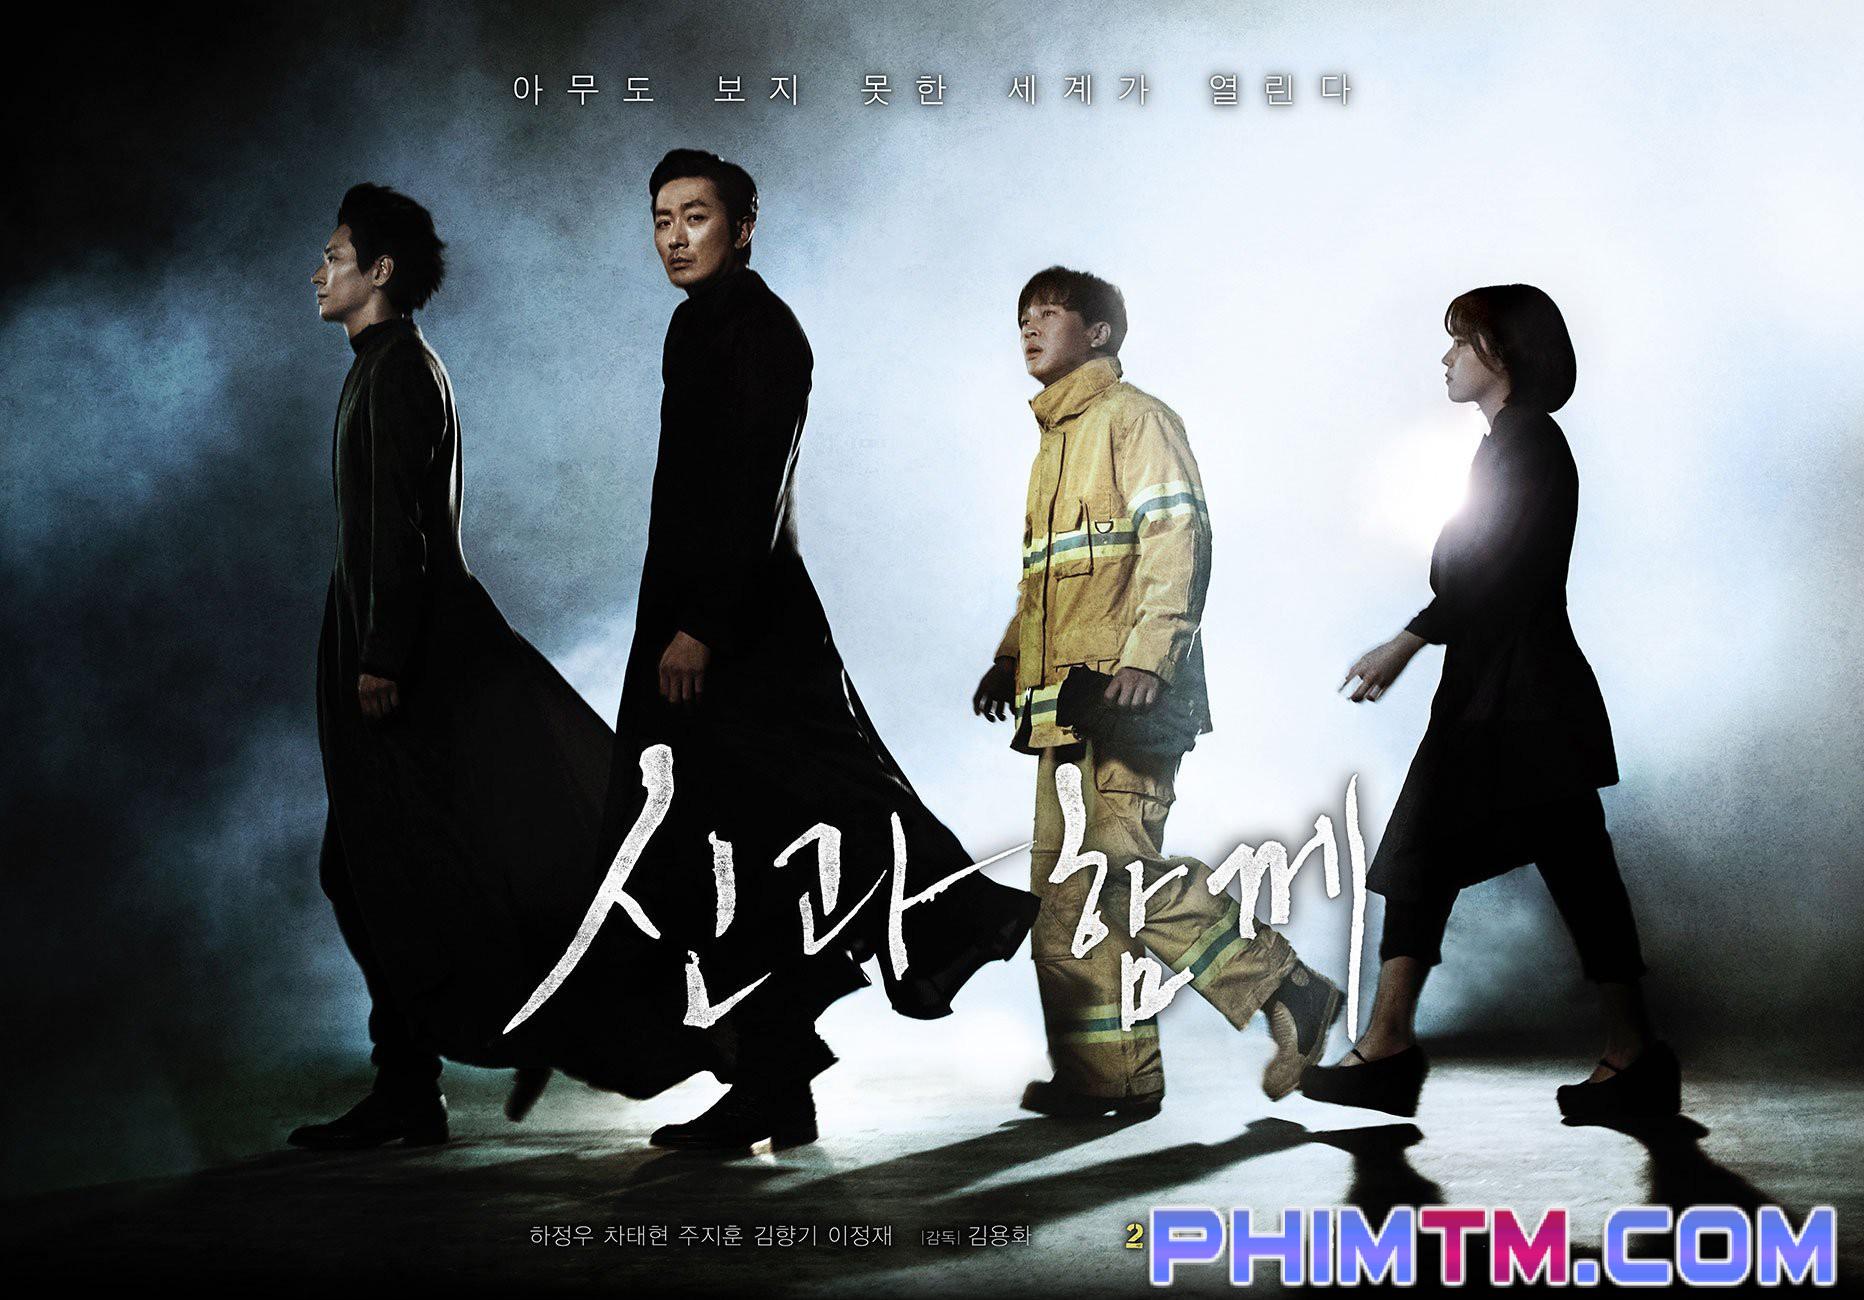 Thử Thách Thần Chết: Bom tấn 800 tỉ mãn nhãn đập tan định kiến về kĩ xảo phim Hàn - Ảnh 1.